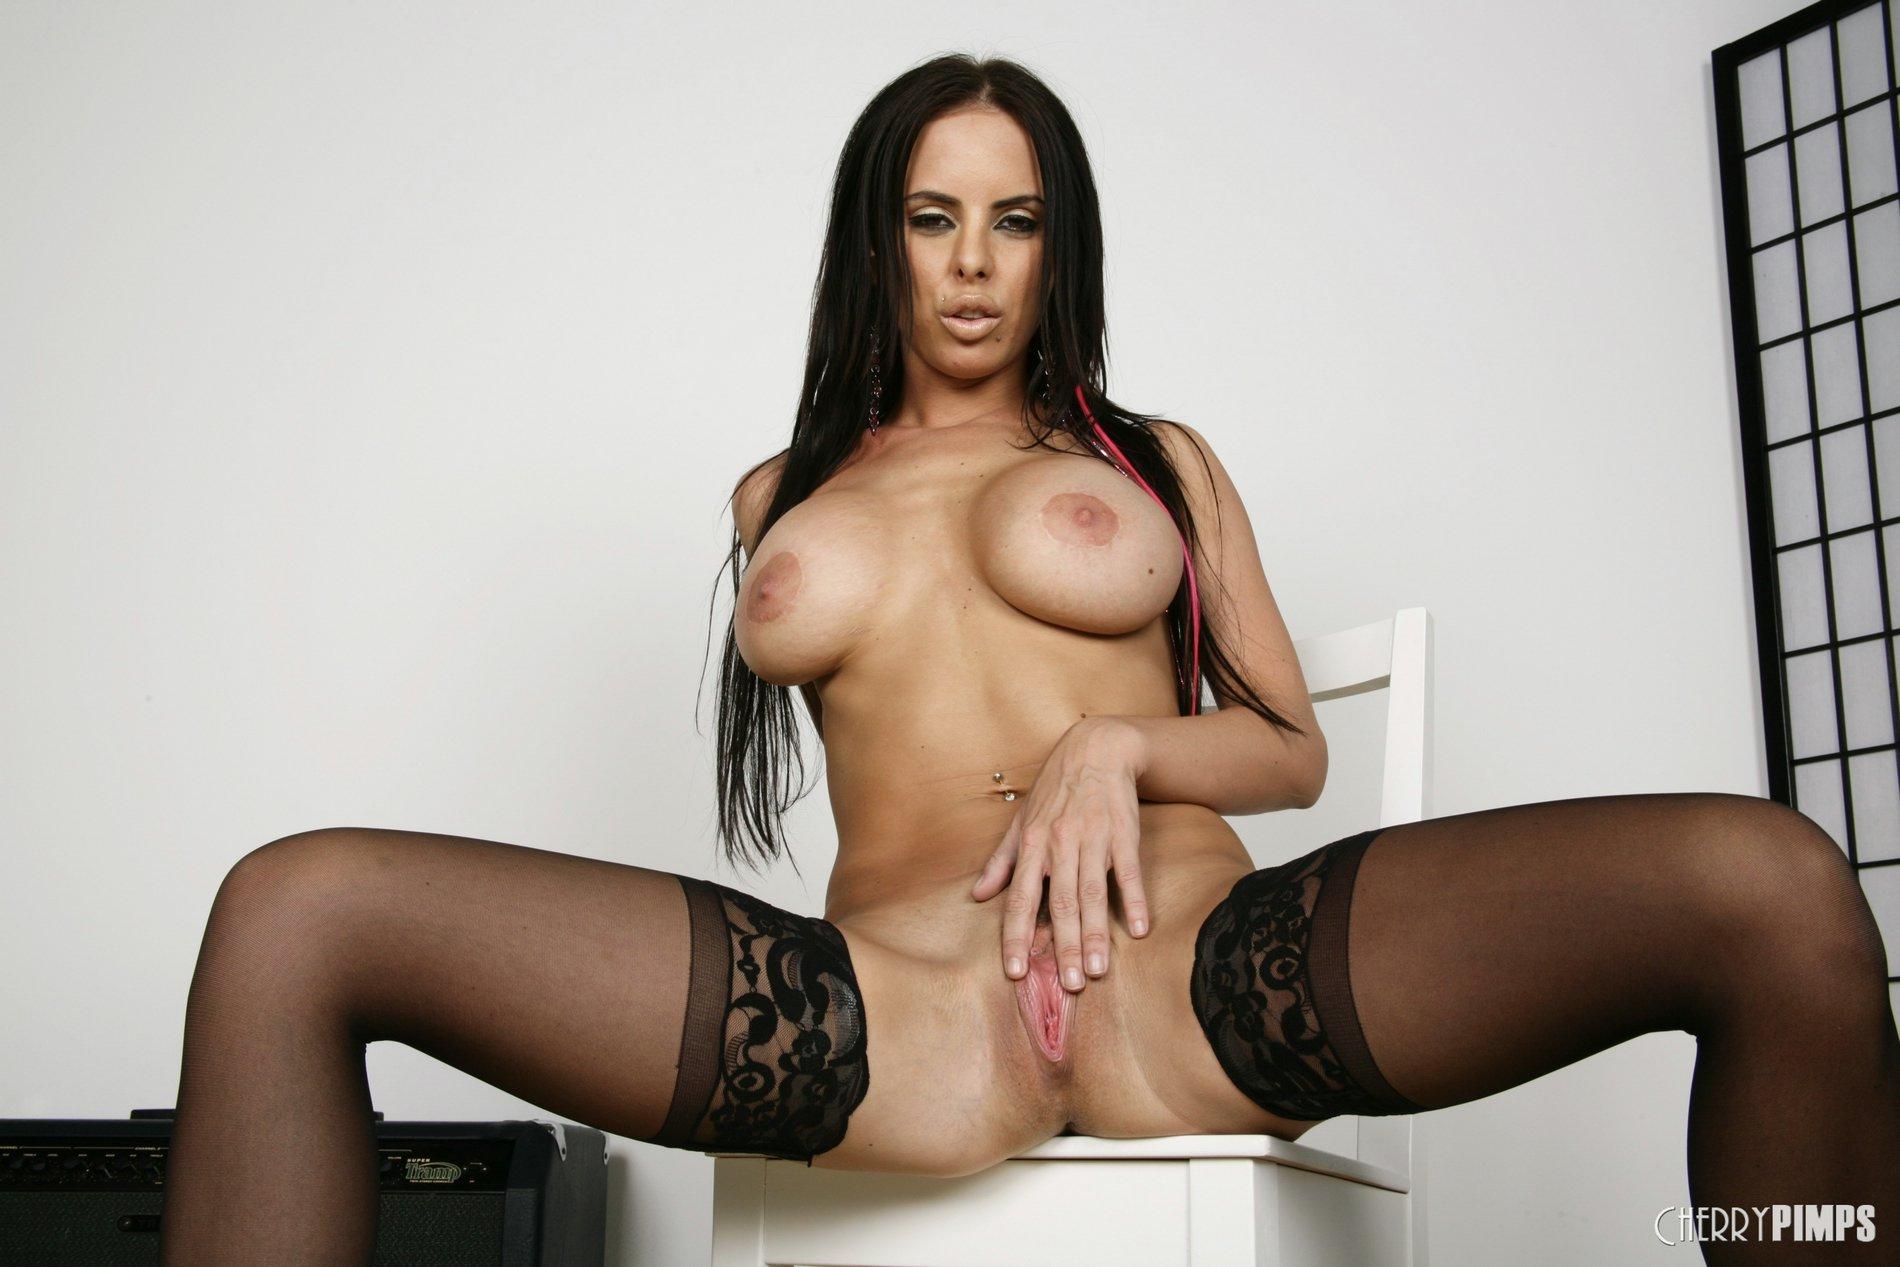 Amature nude pics from beacon ny-4146